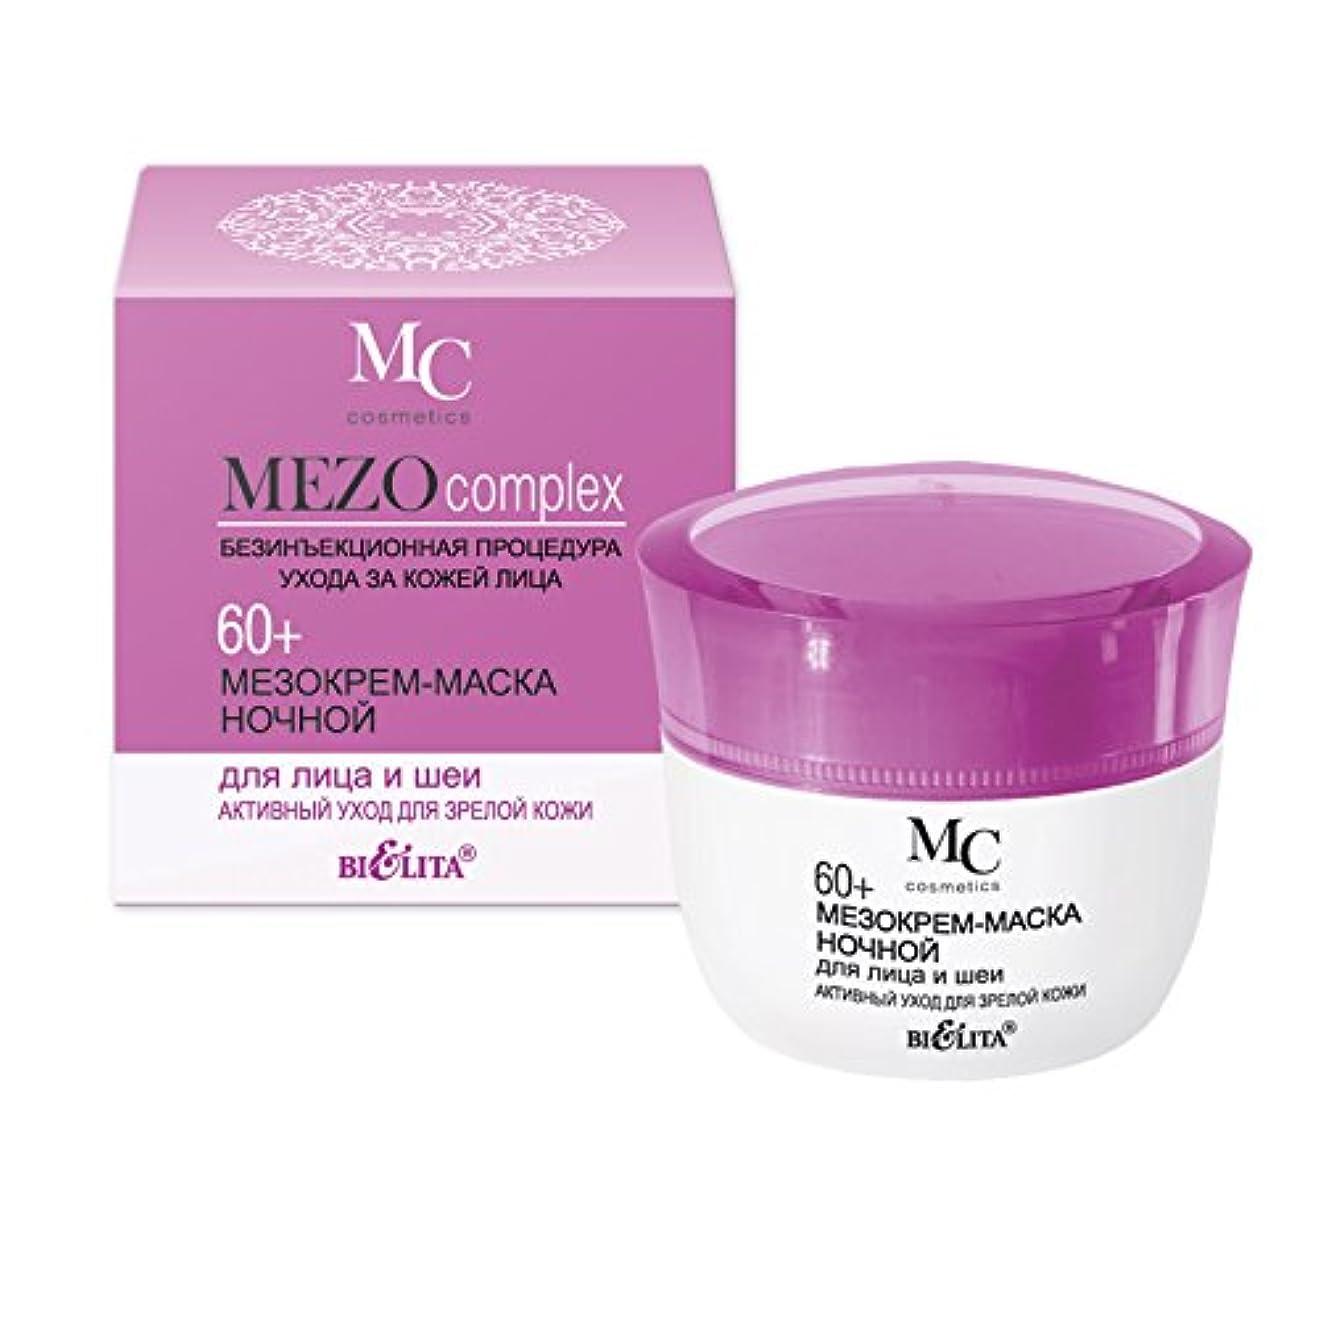 呼ぶ羊飼い事前にNight cream mask (MEZO) for face and neck 60+ care for mature skin | Hyaluronic acid, Vitamin E, Peach seed oil...